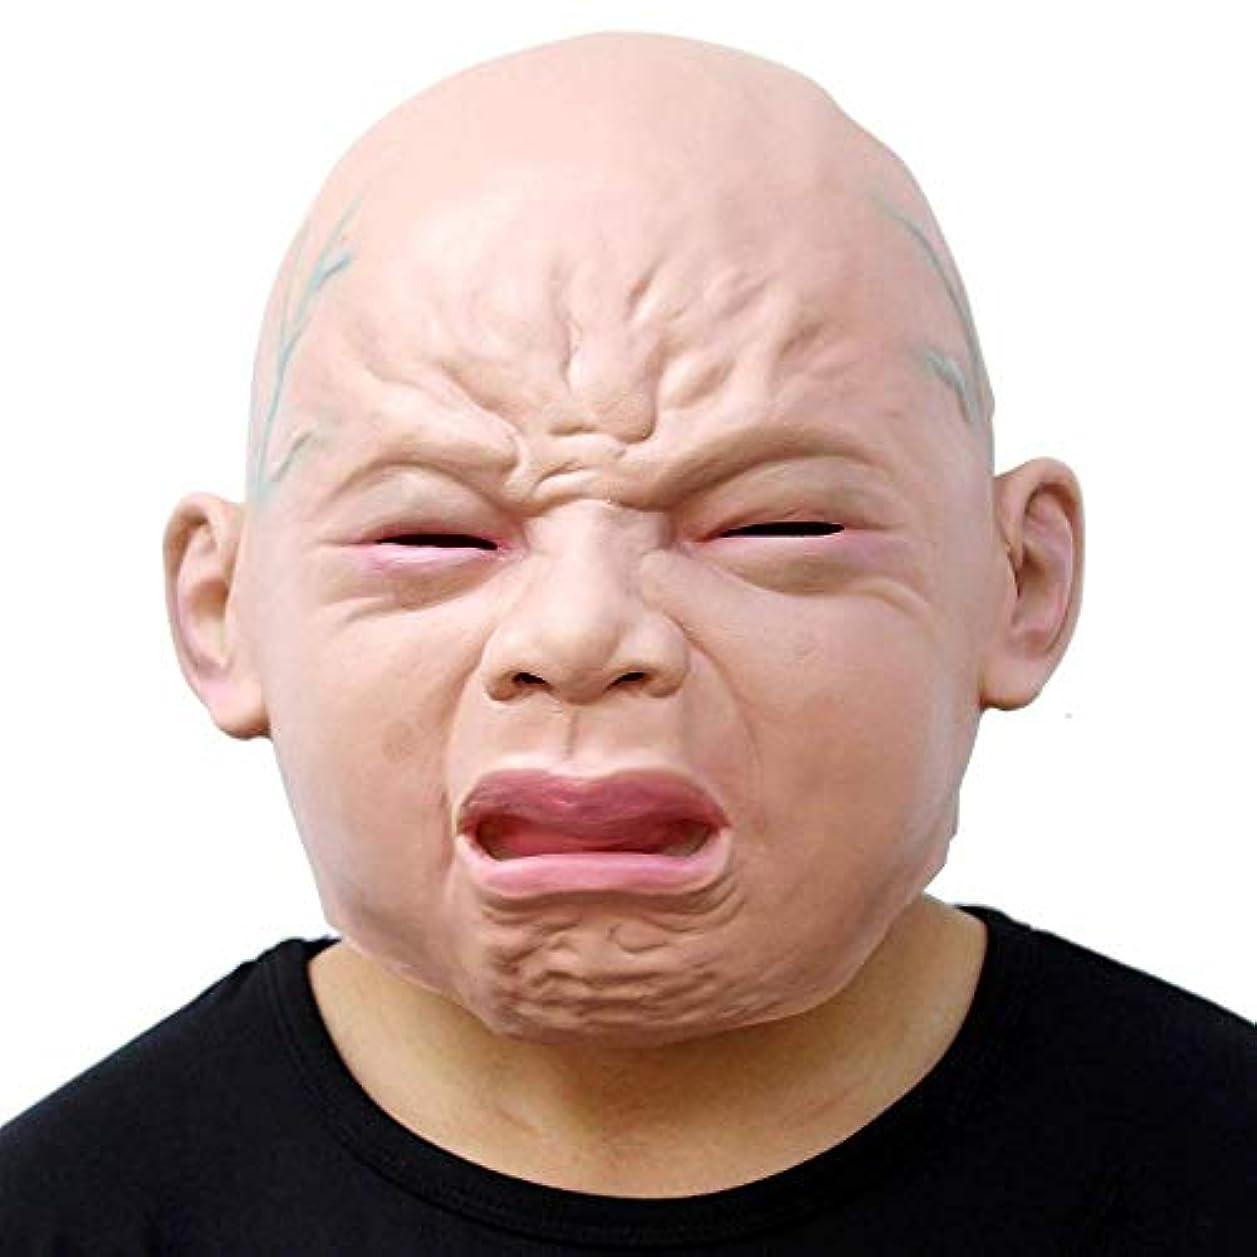 識別する作り上げるポスターノベルティハロウィーンコスチュームパーティーラテックスヘッドマスク赤ちゃんの顔、パーティーホラーコスプレ衣装の小道具-泣いている赤ちゃん、大人の子